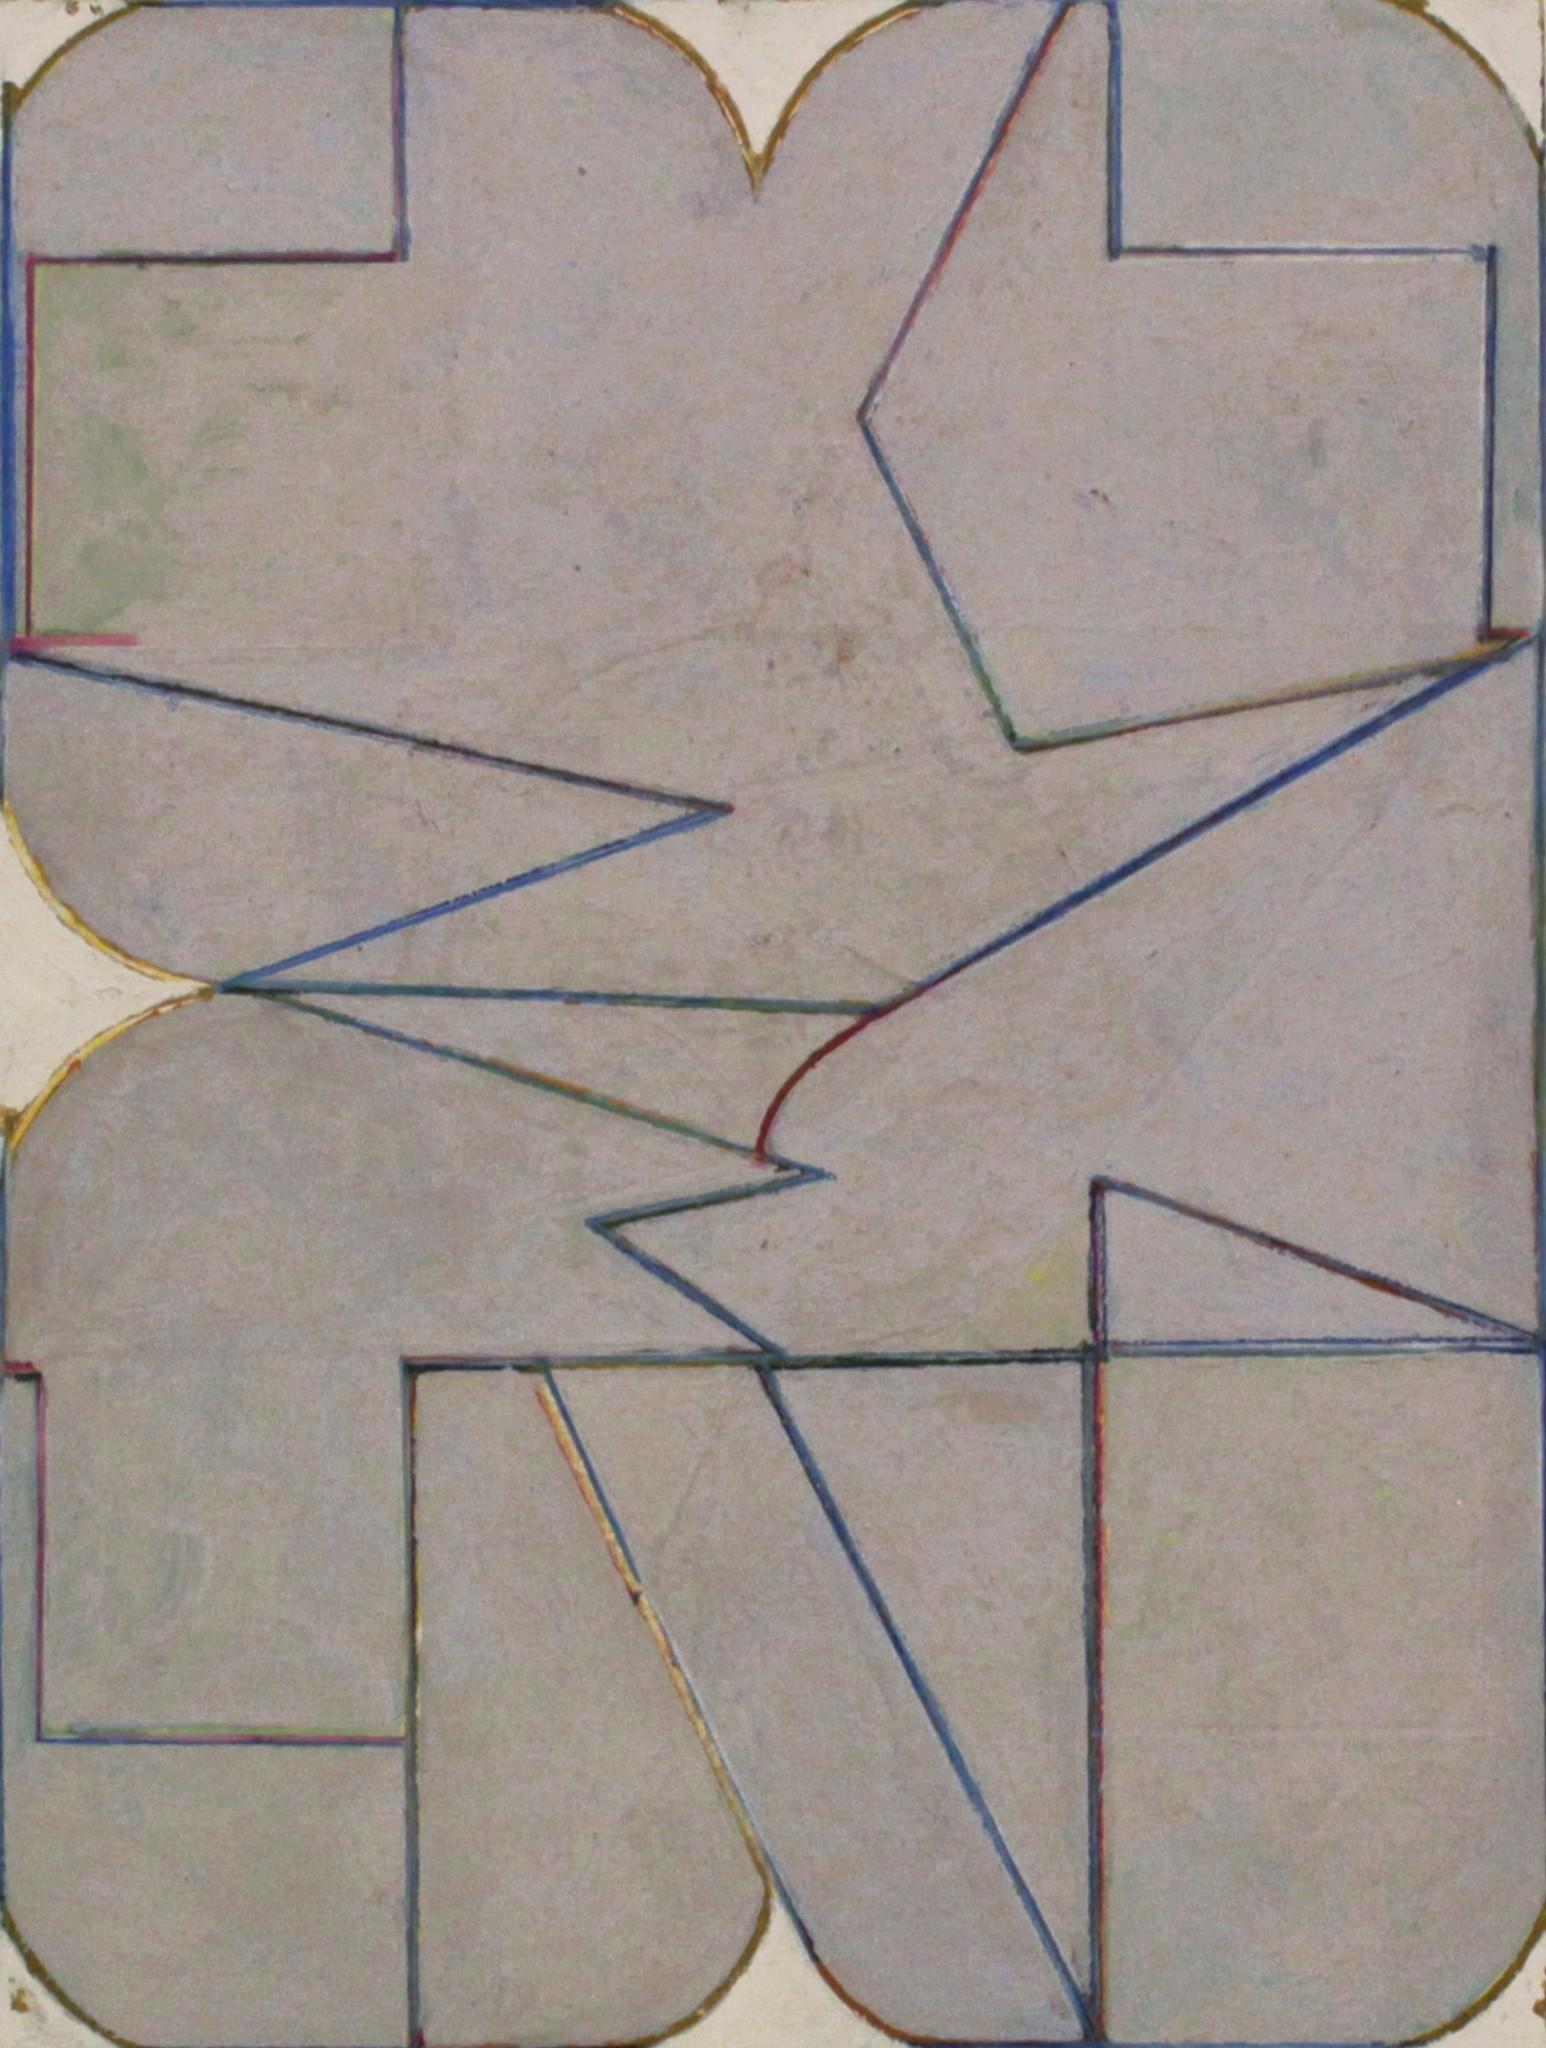 gouache på papper, 22 x 16,5 cm, 2019